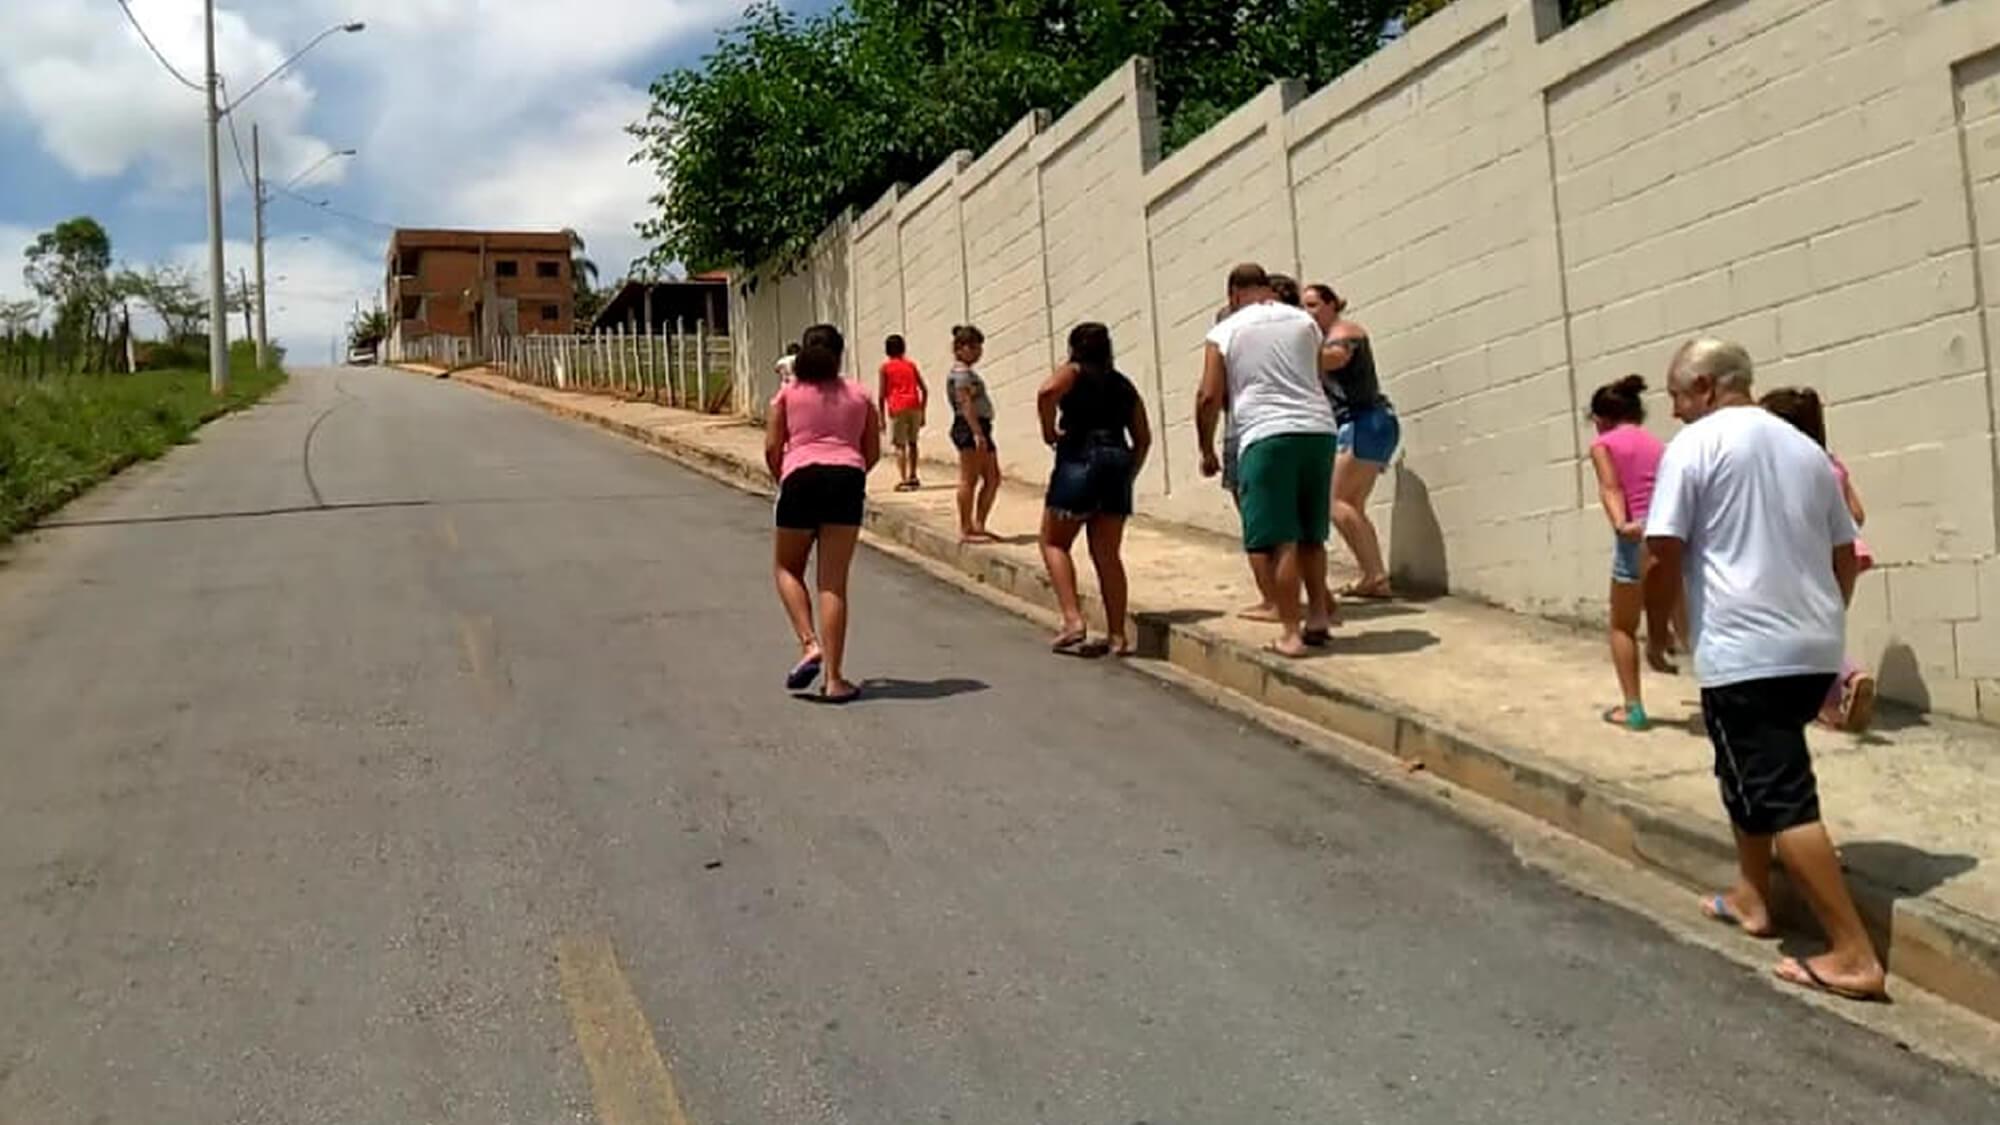 Moradores de condomínio sofrem para pegar ônibus em Pouso Alegre - PousoAlegre.net